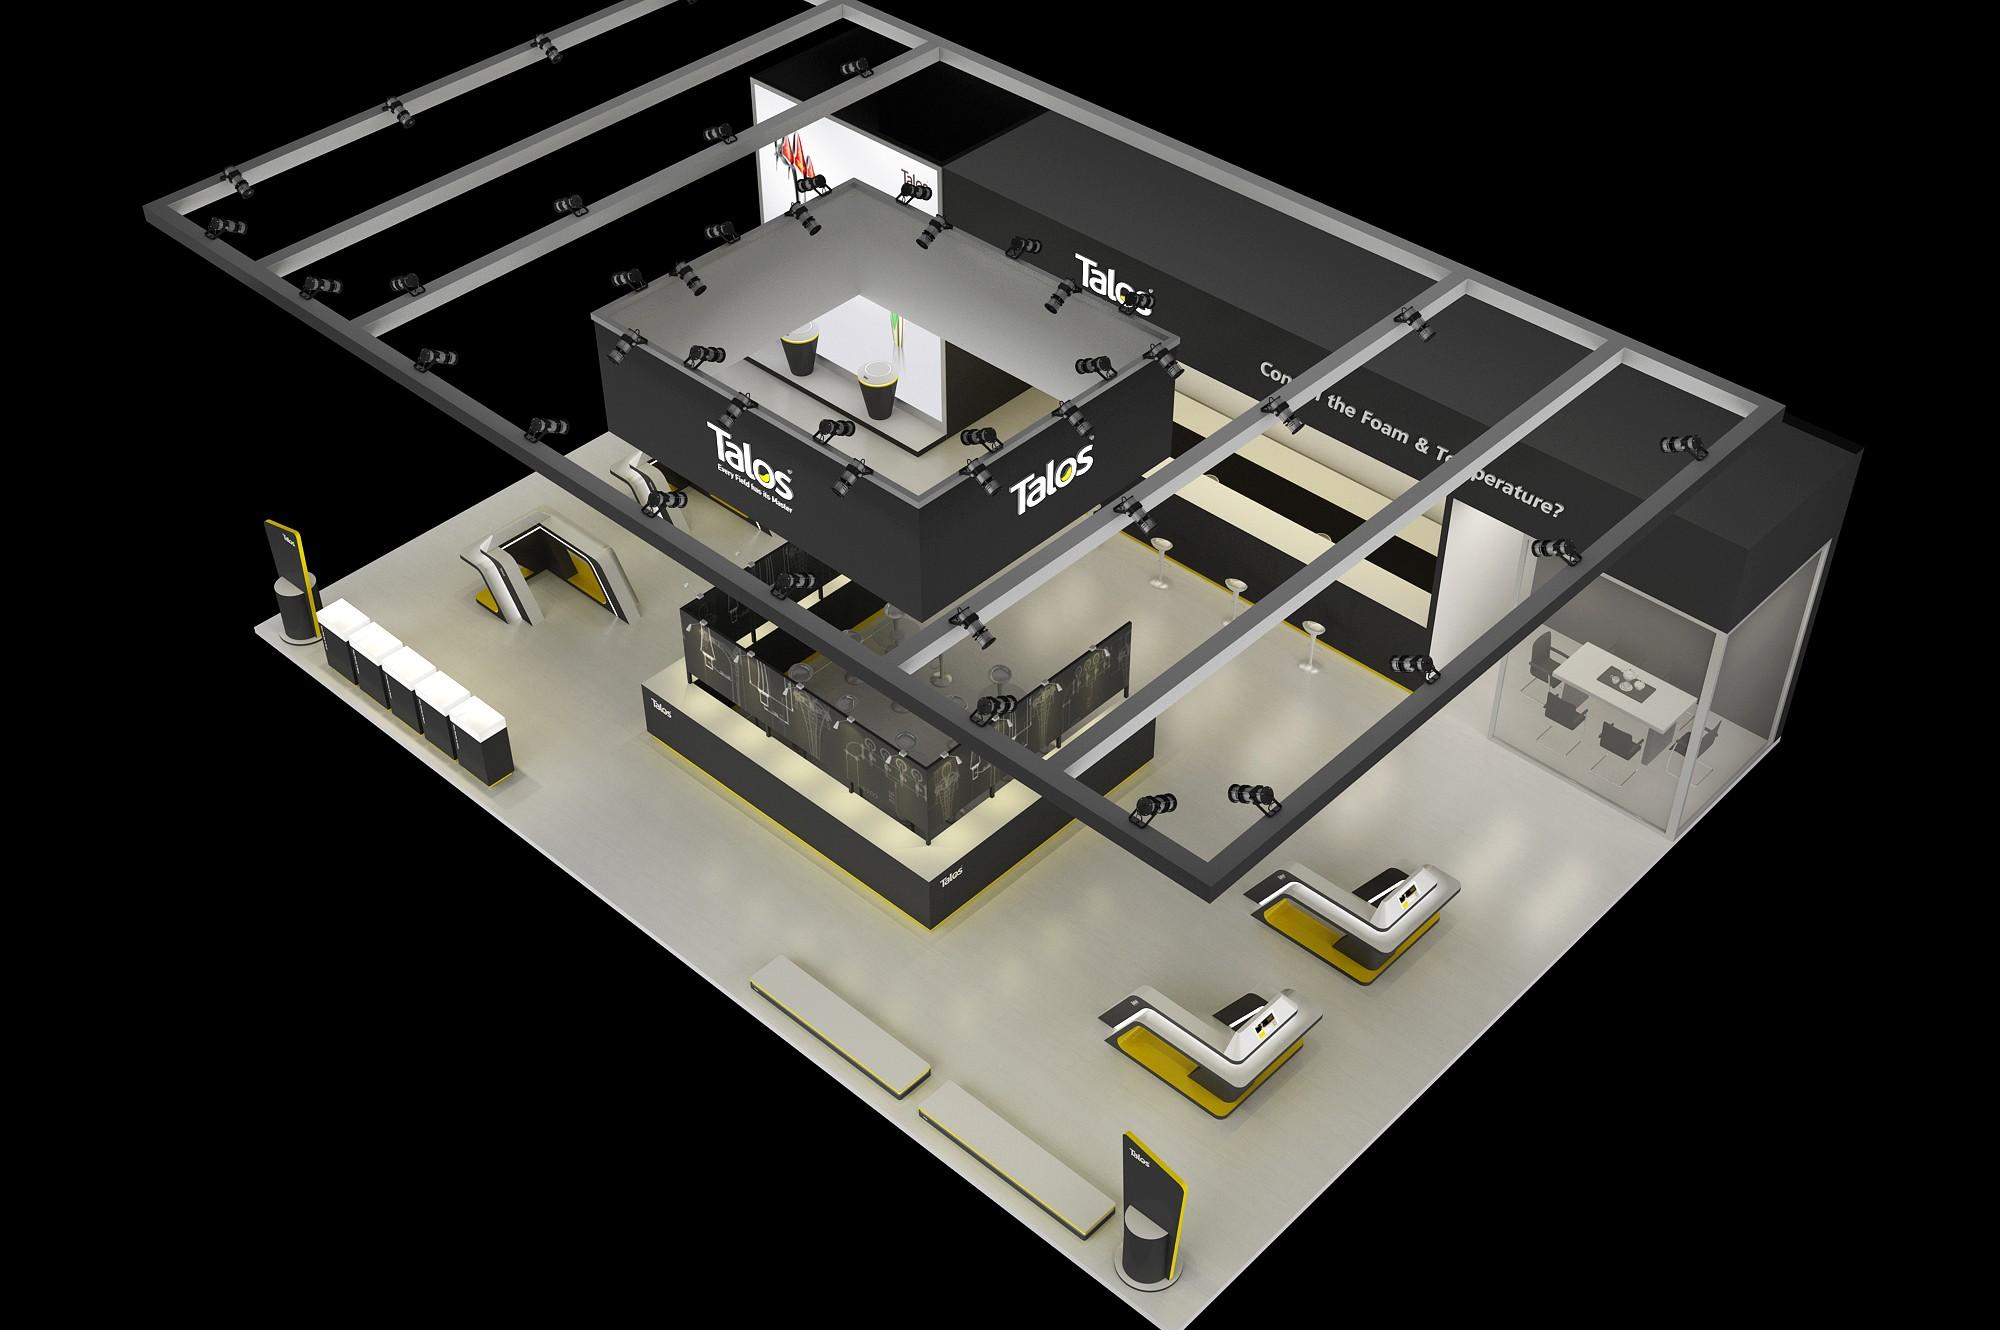 工业品品牌展览展厅设计-塔罗斯88a157b2921d4b43a21486a5a403a6fe